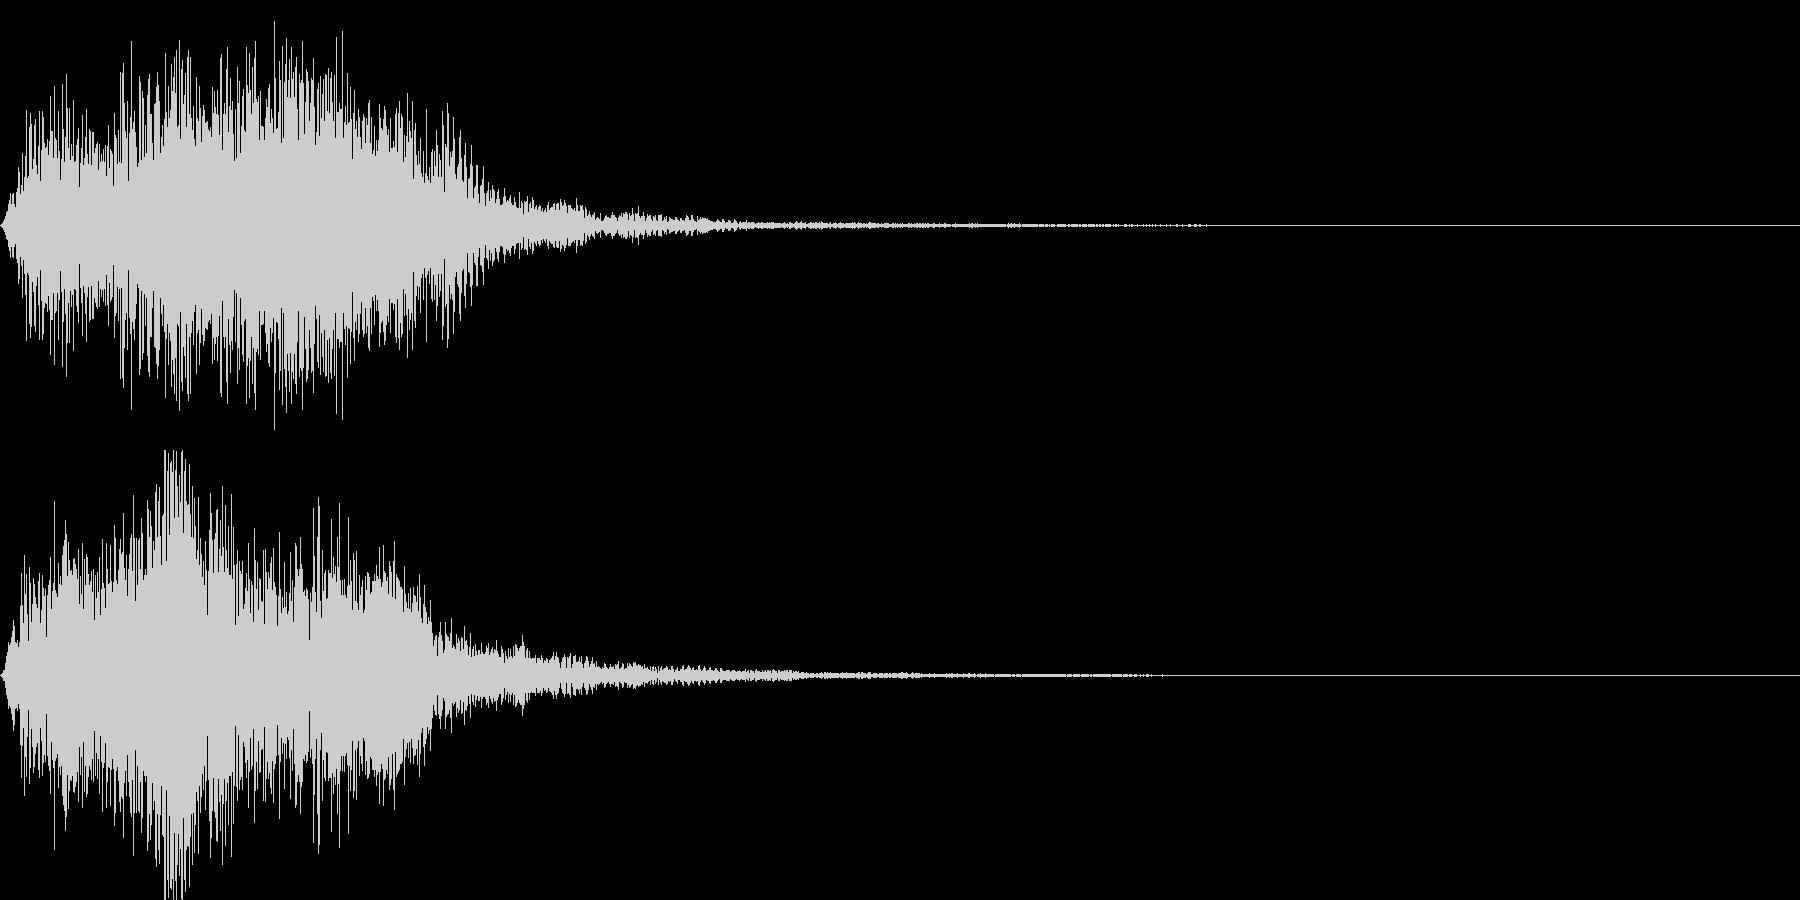 ストリングフレーズ01の未再生の波形